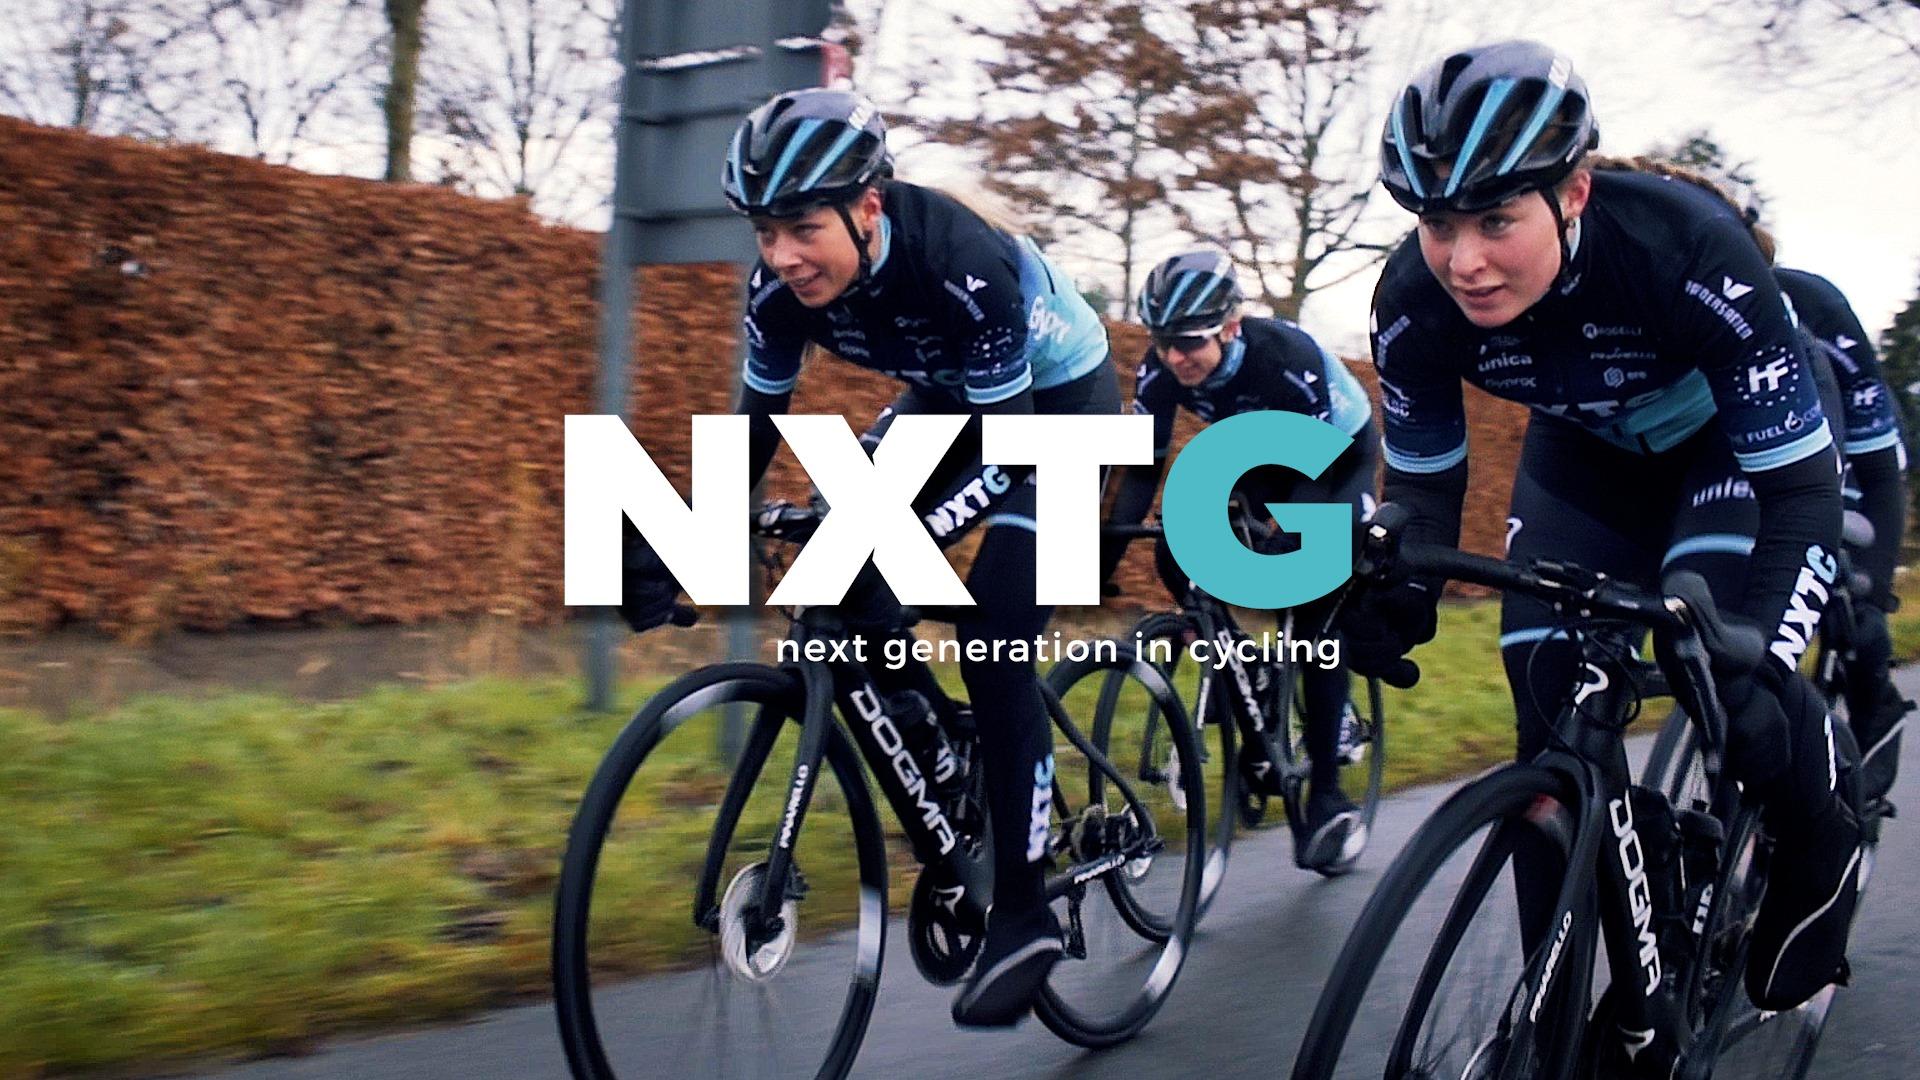 Women's cycling - NTXG Racing